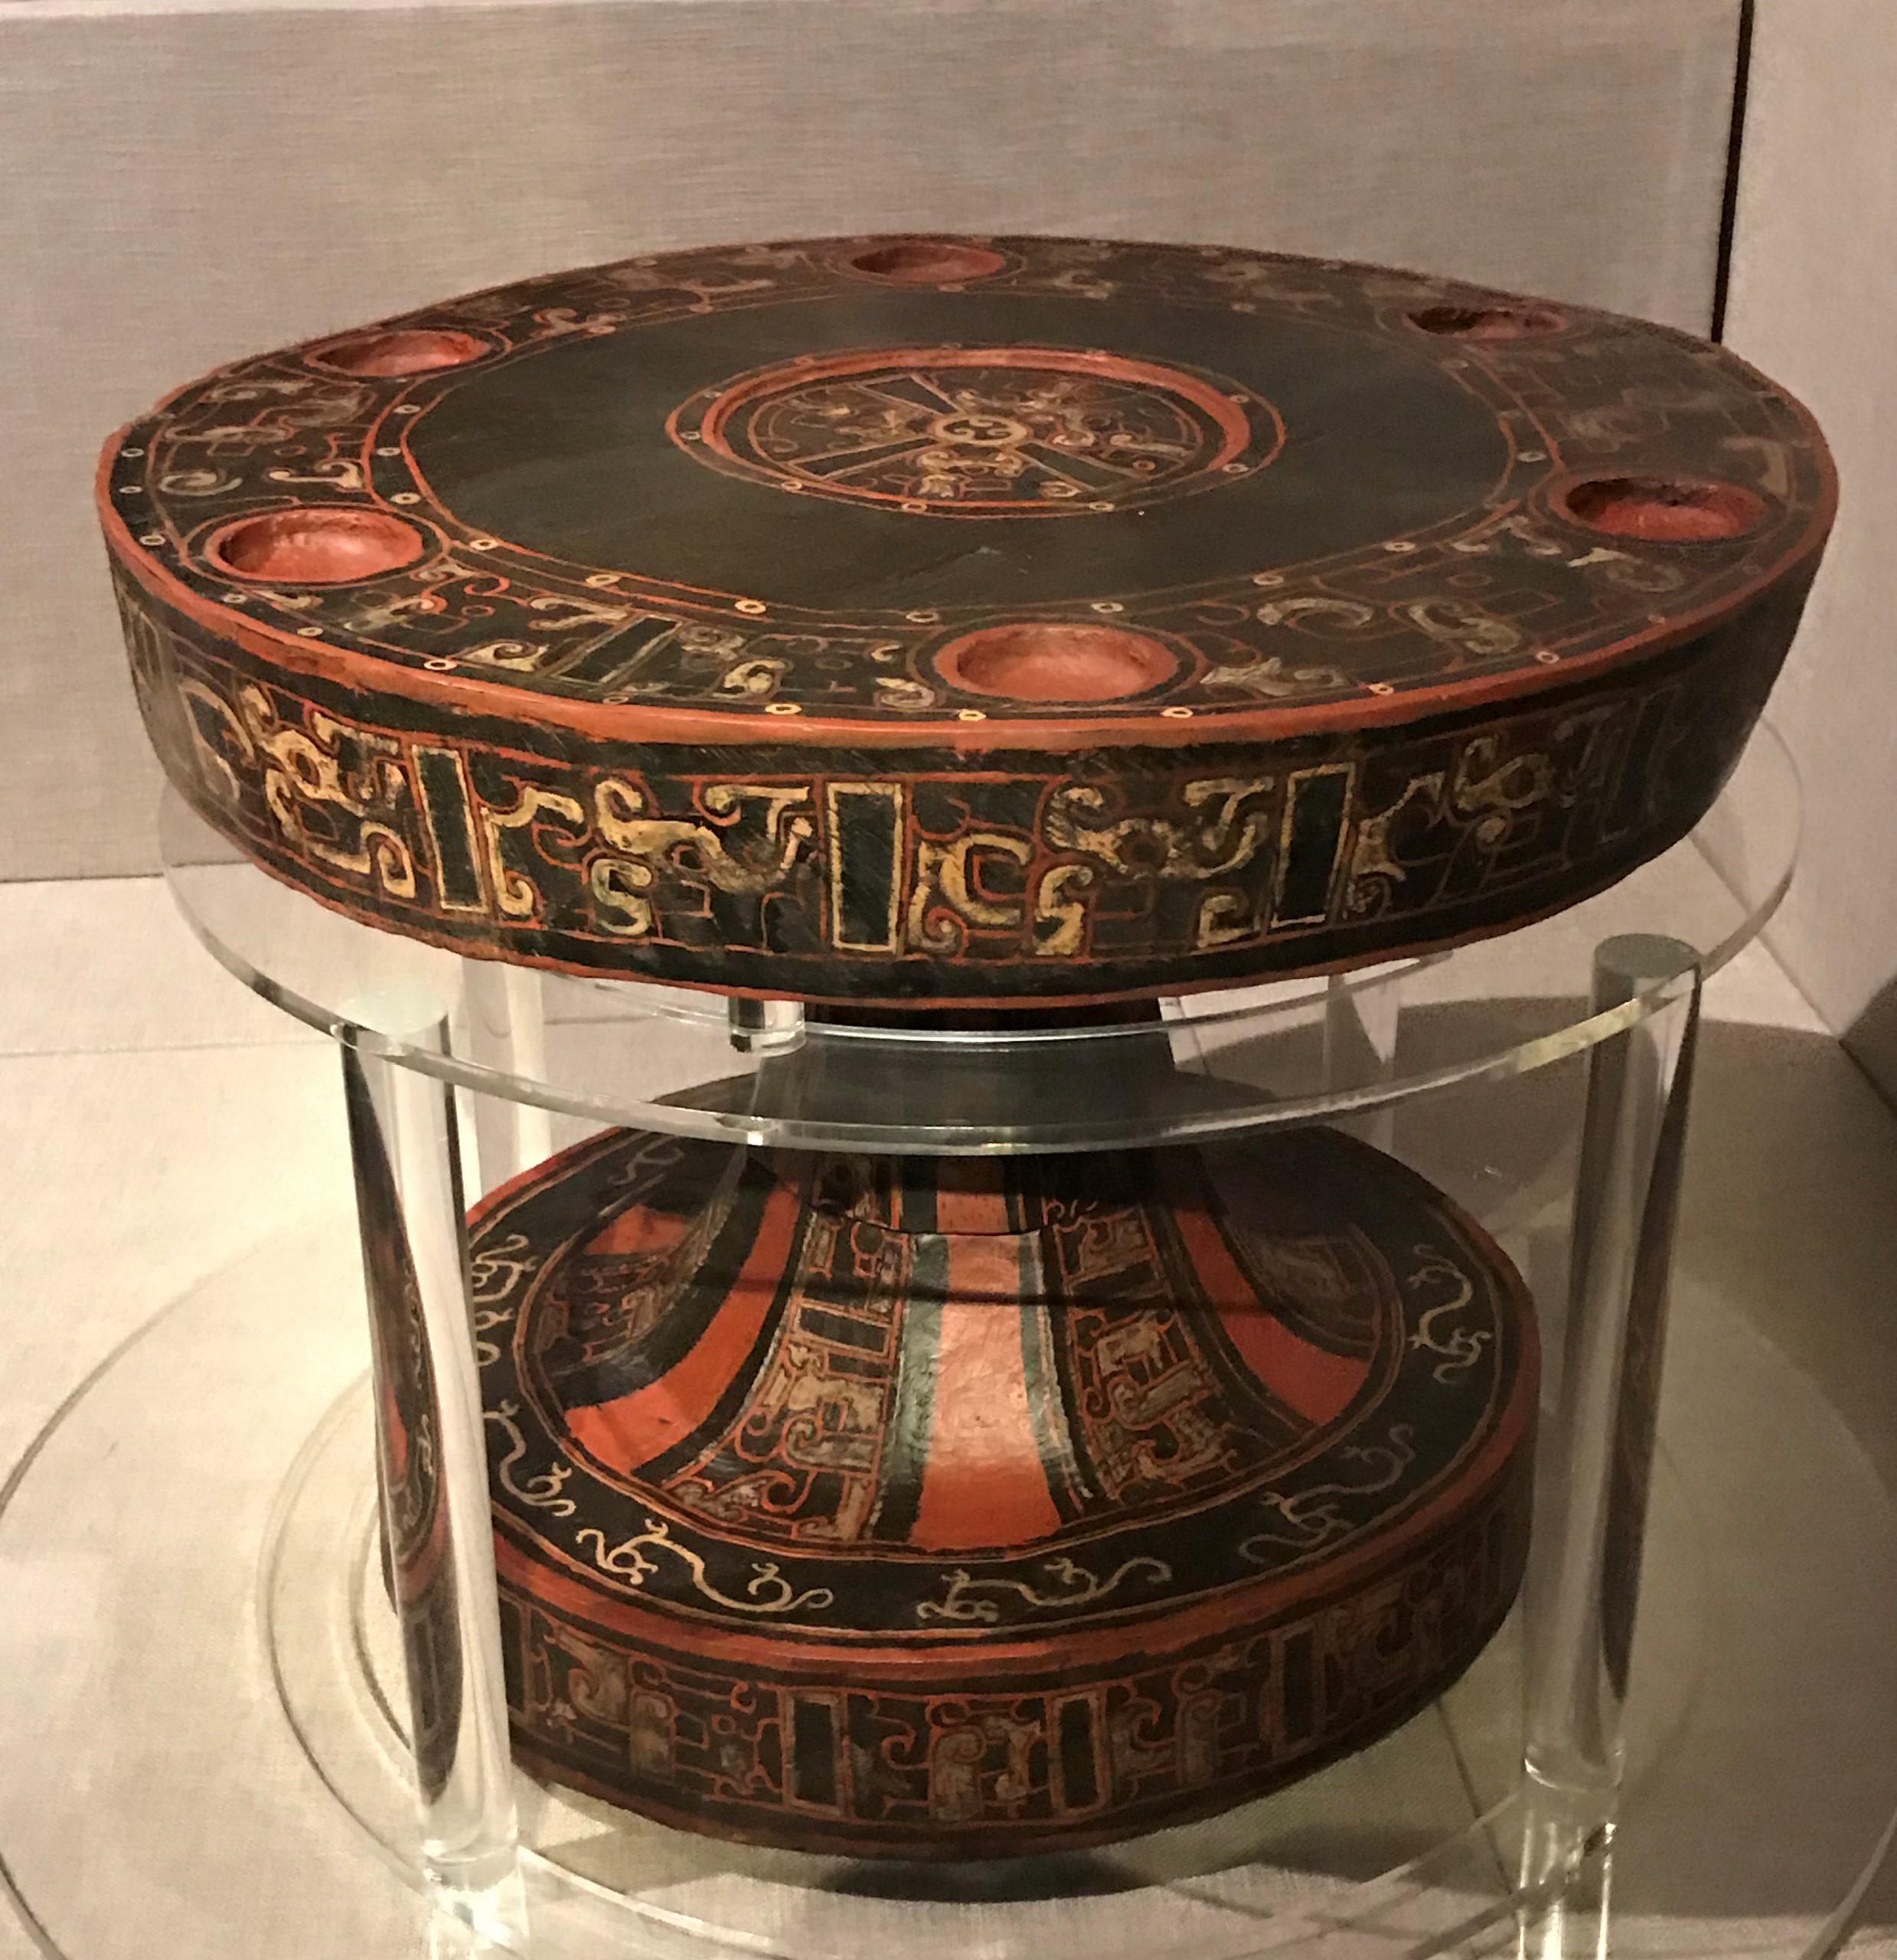 漆机-漆簋-漆虎形构件-漆豆-漆器座-漆禁-先秦時代-常設展F2-成都博物館